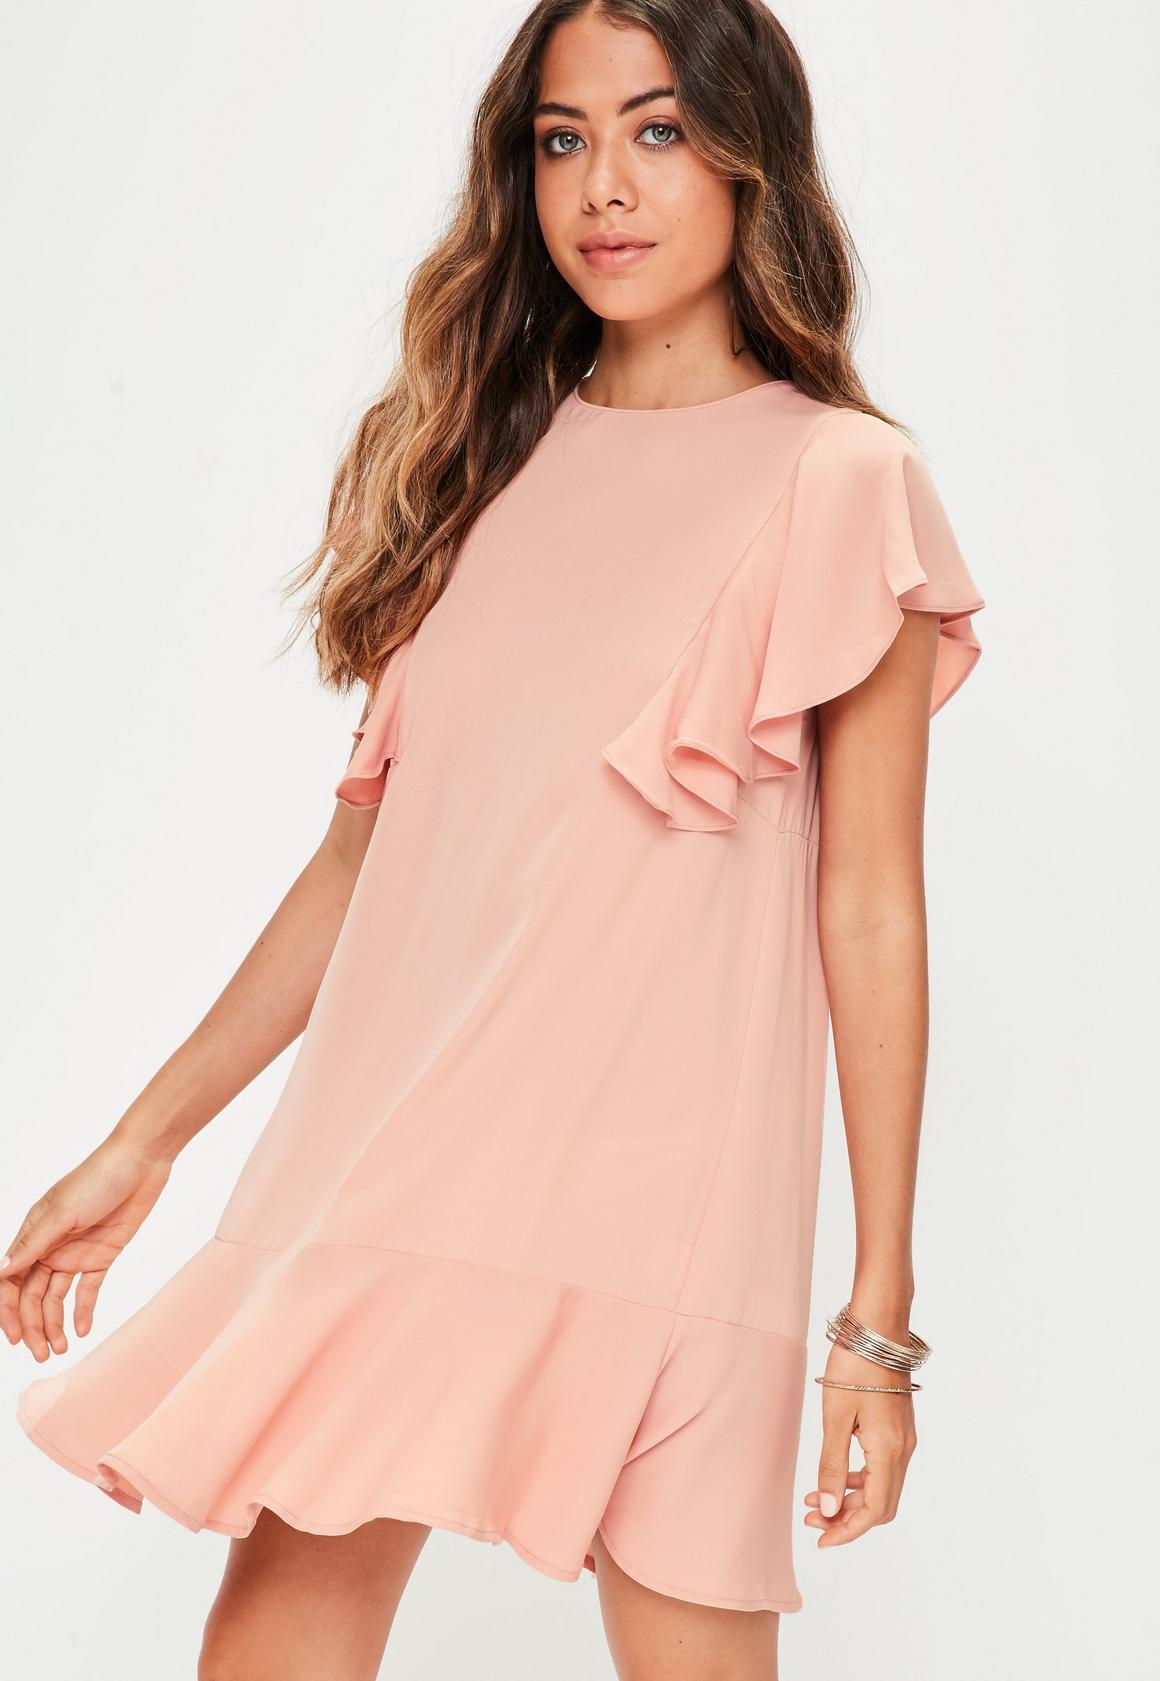 Drop waist dress style